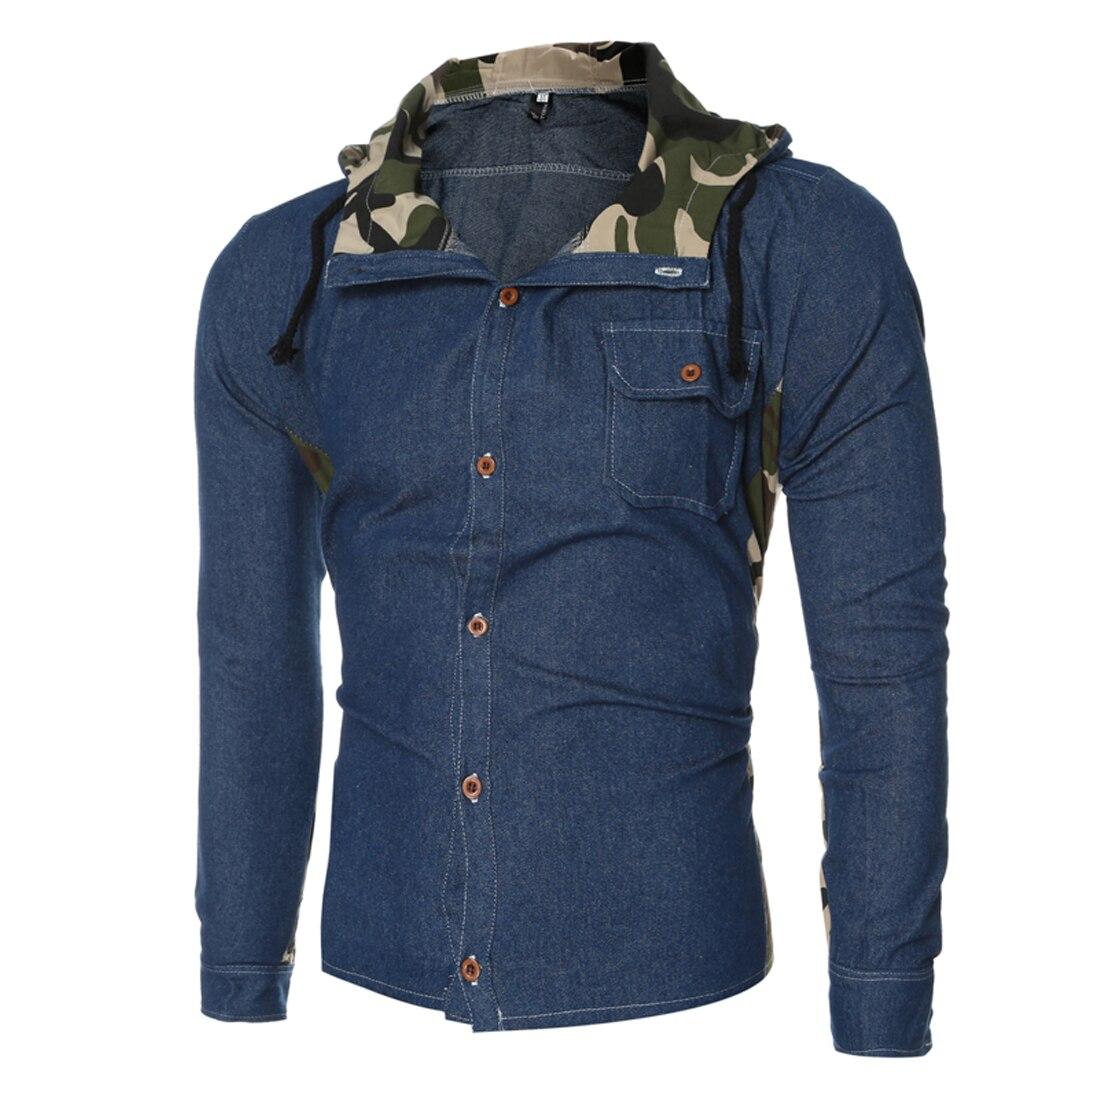 Yjsfg dom 2017 casual jeans kurtka m czy ni kamufla patchwork denim kurtki z kapturem p aszcz slim fit